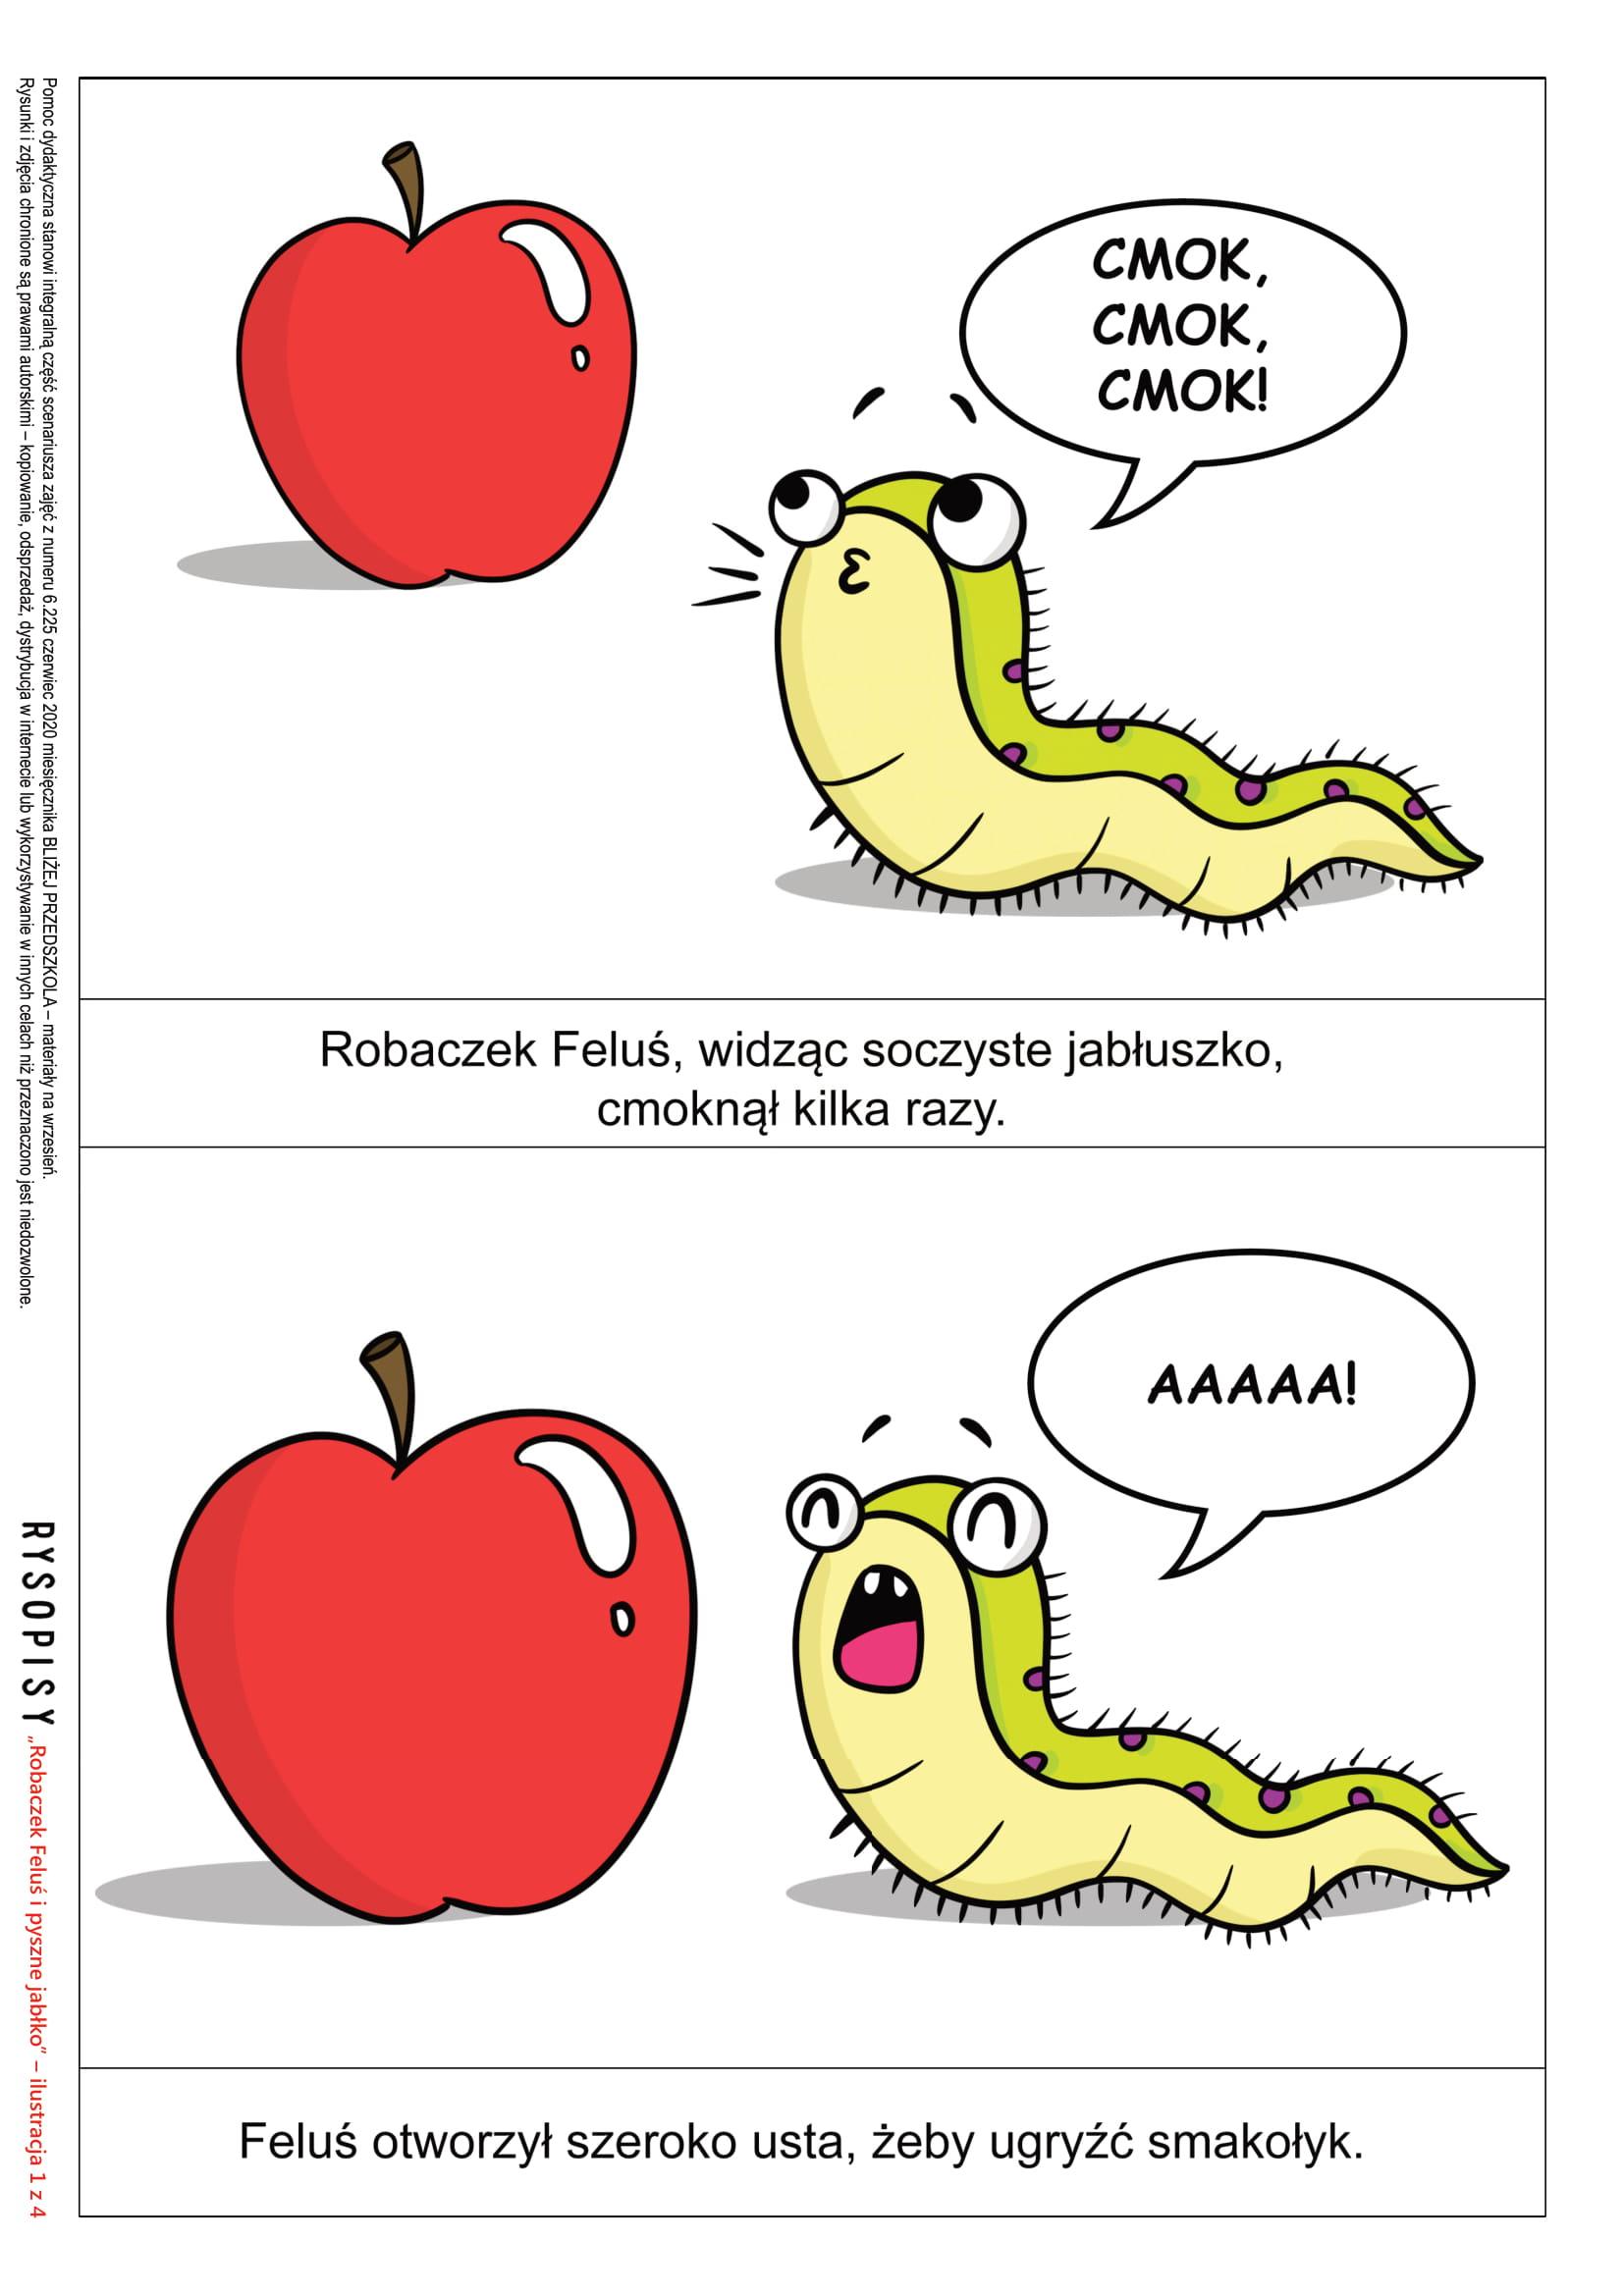 warzywno-owocowe-cwiczenia-na-poprawna-mowe-pd-225-1240-01